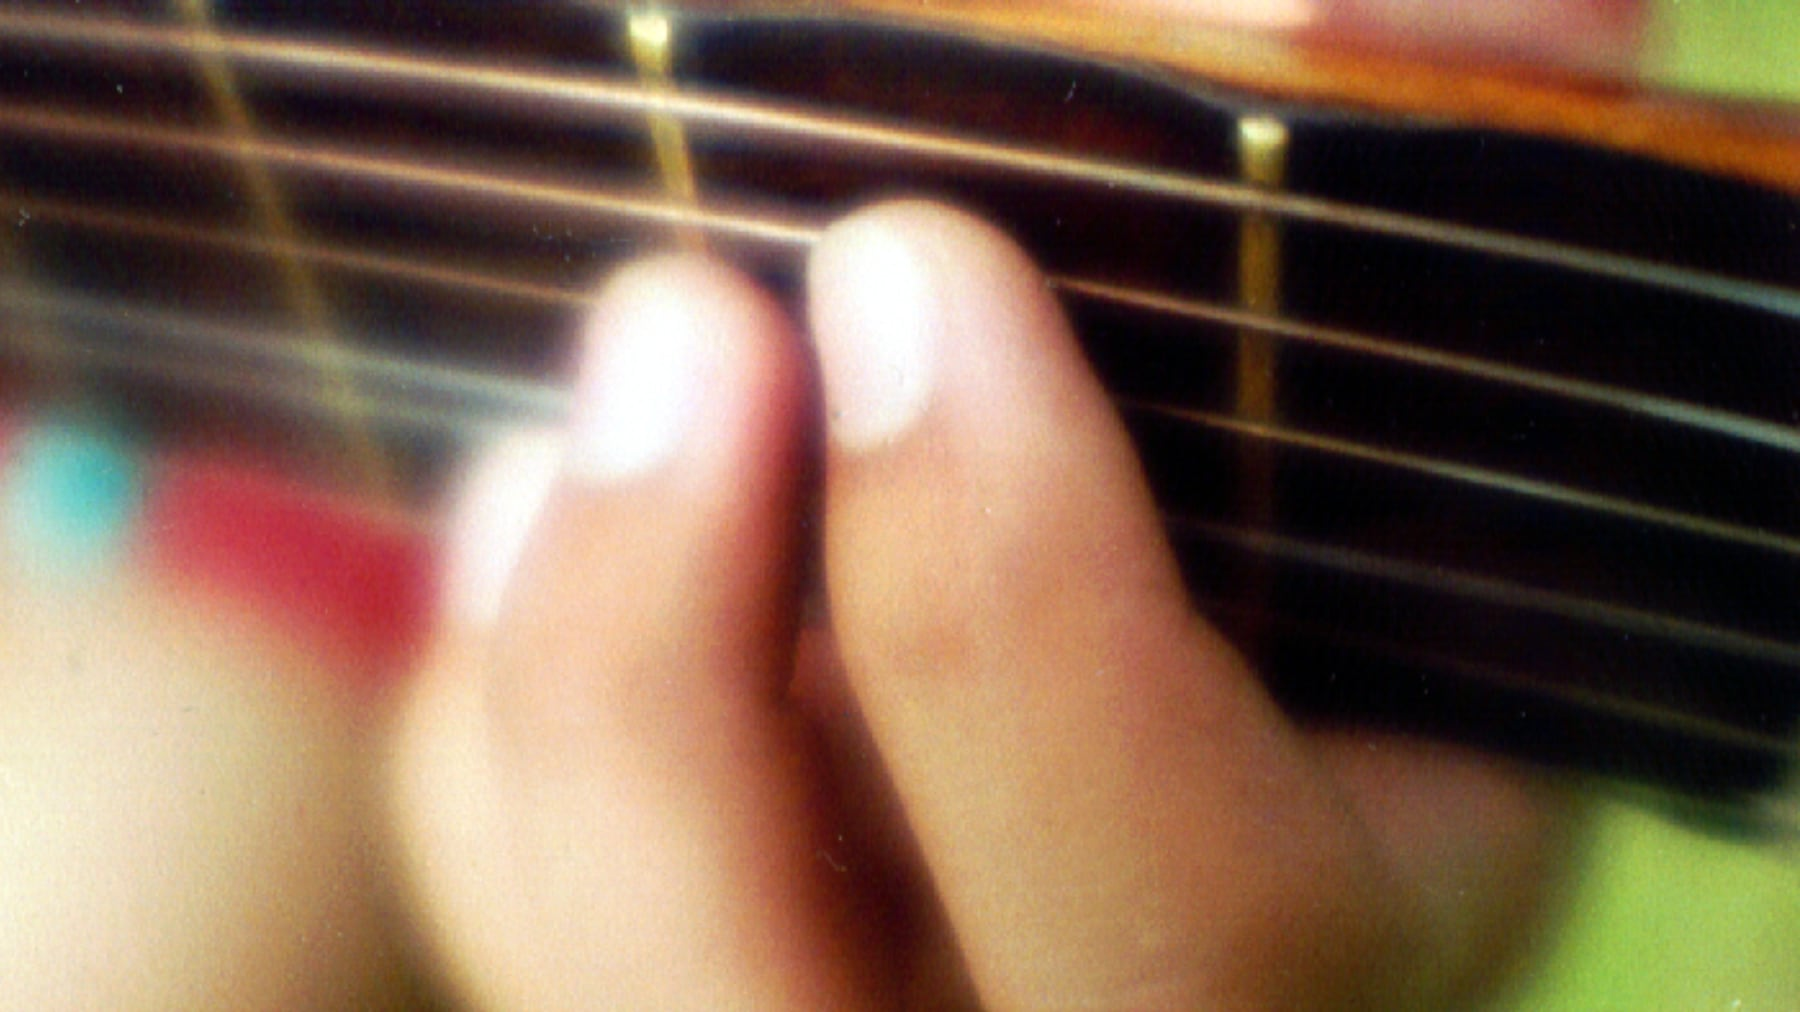 Nærbilde av fingre på gitarhals